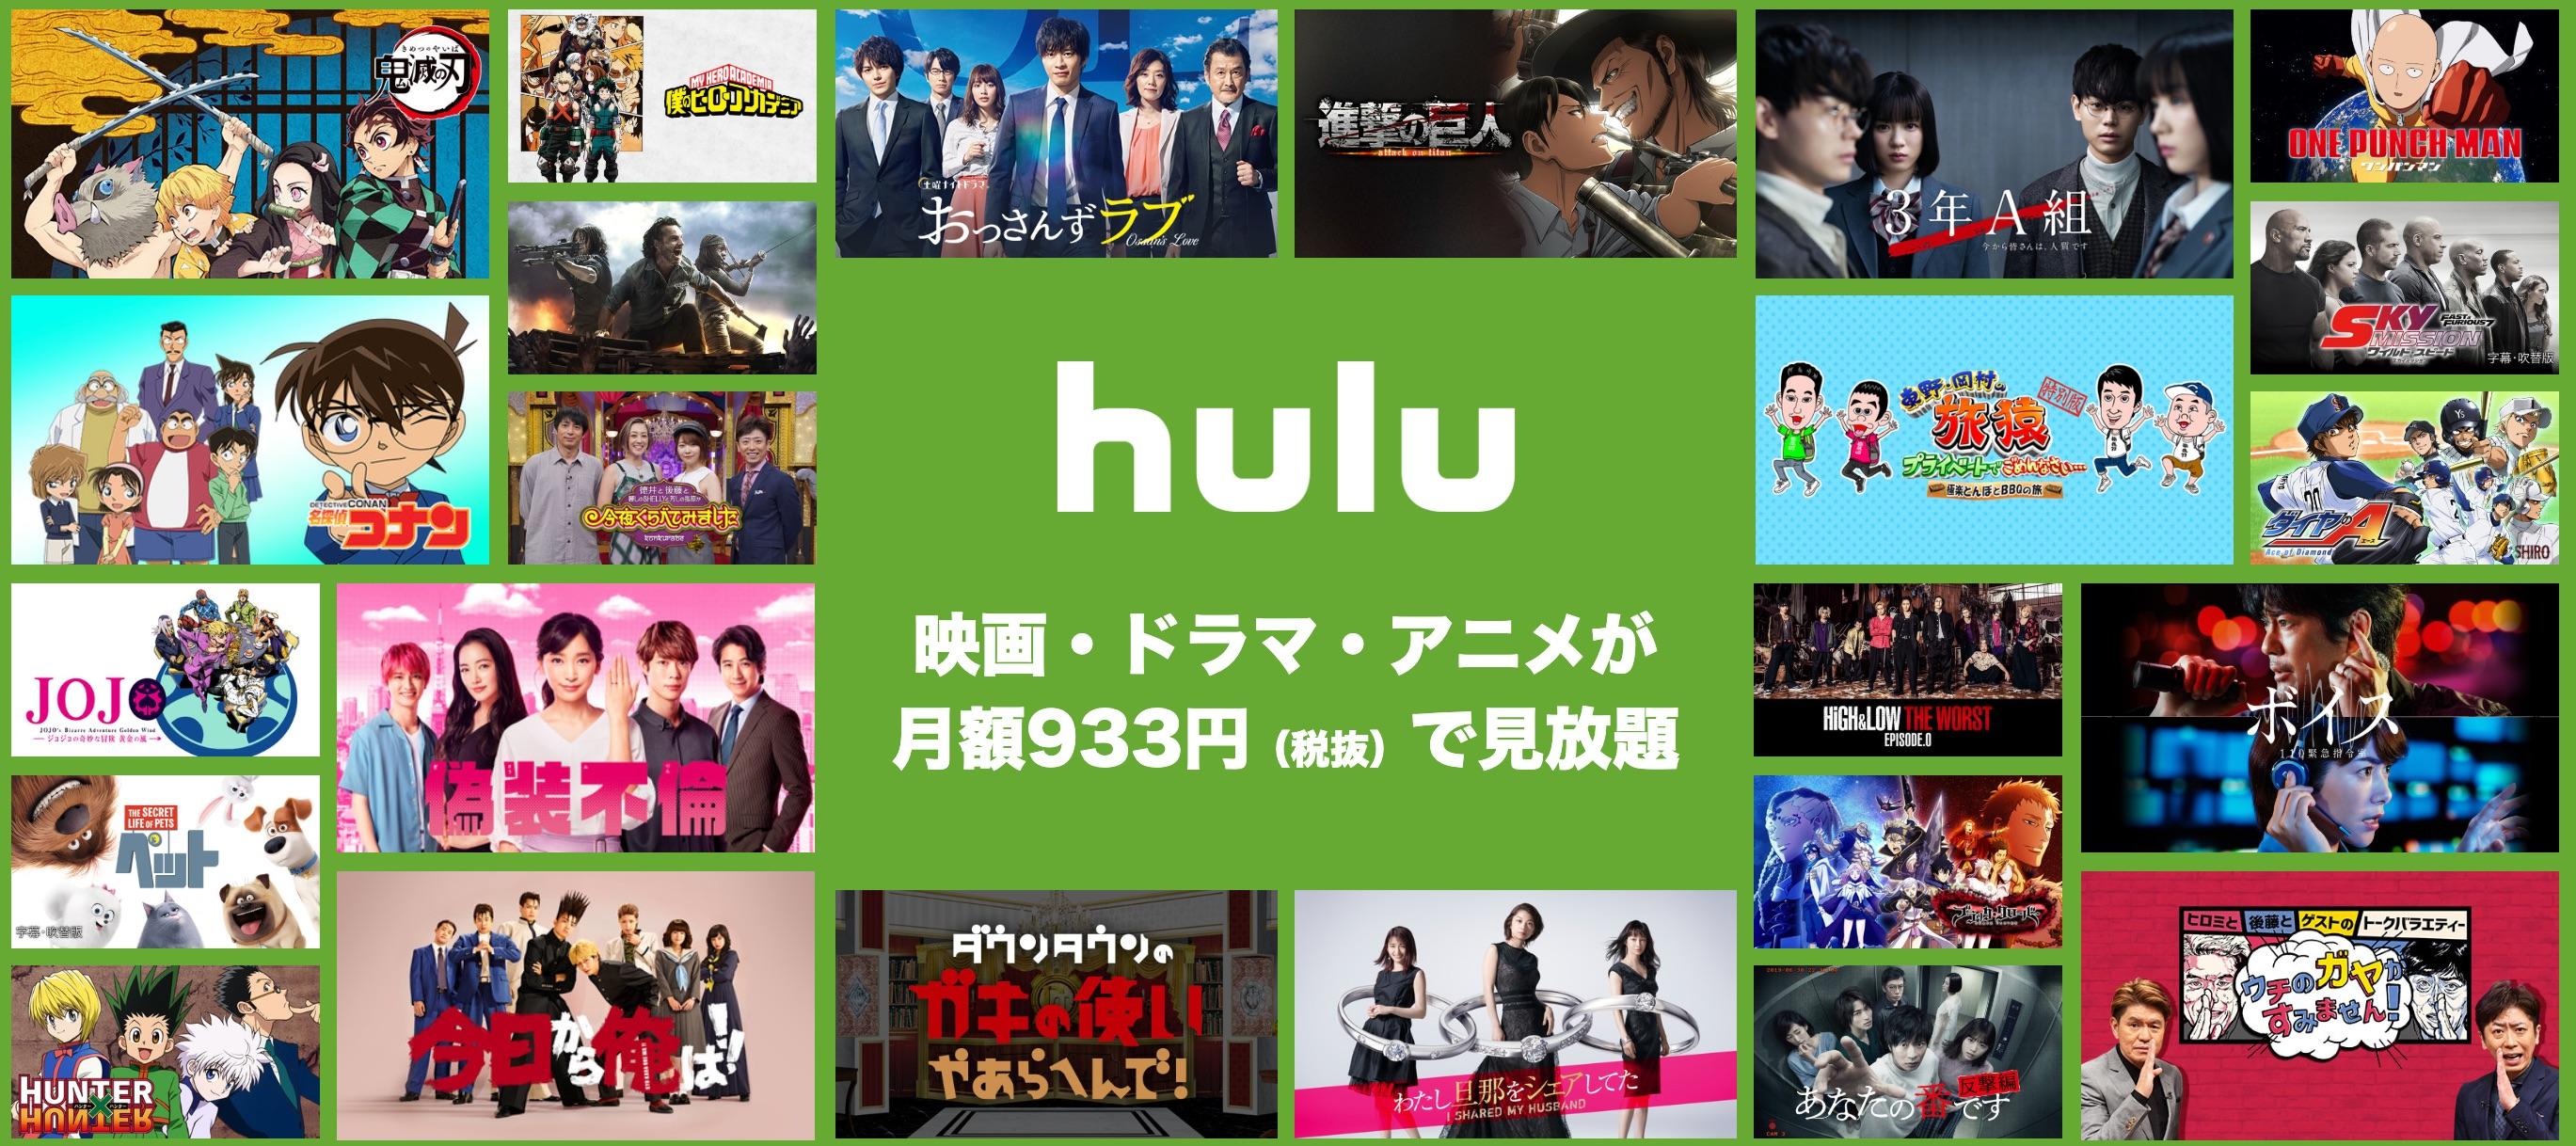 Hulu レビュー